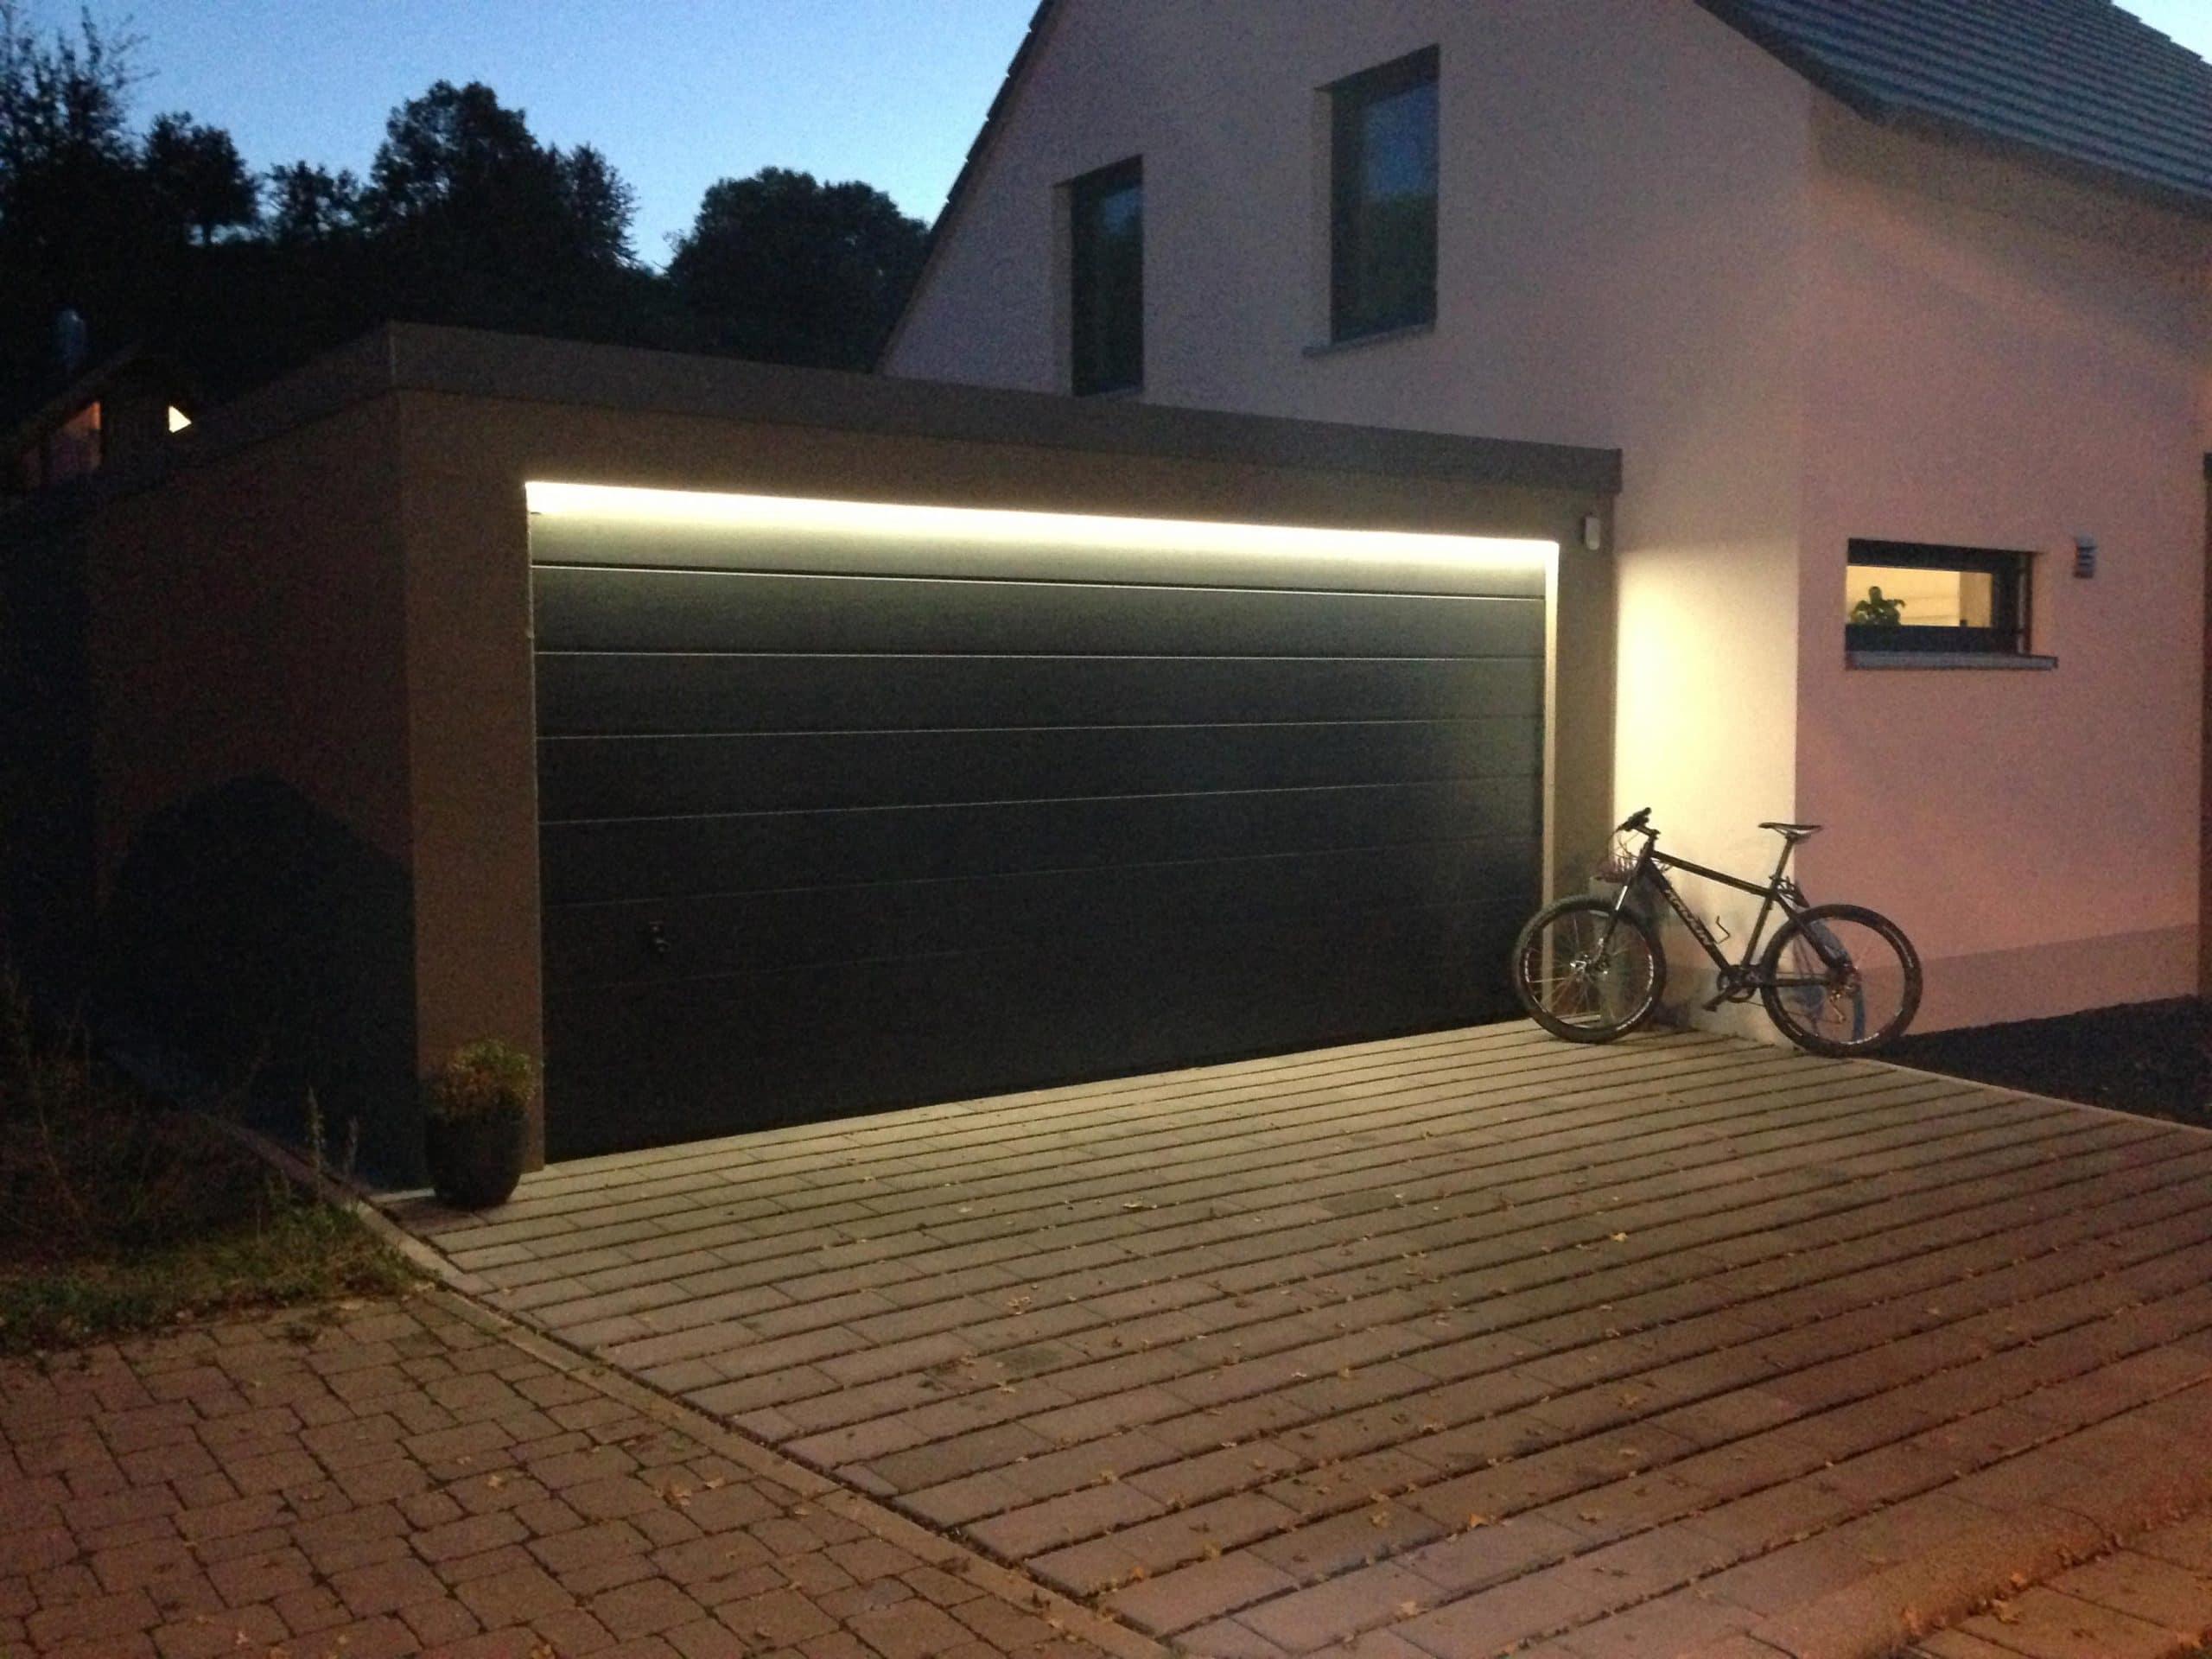 Zurückhaltend, aber effektiv: Lichtband über der Garage